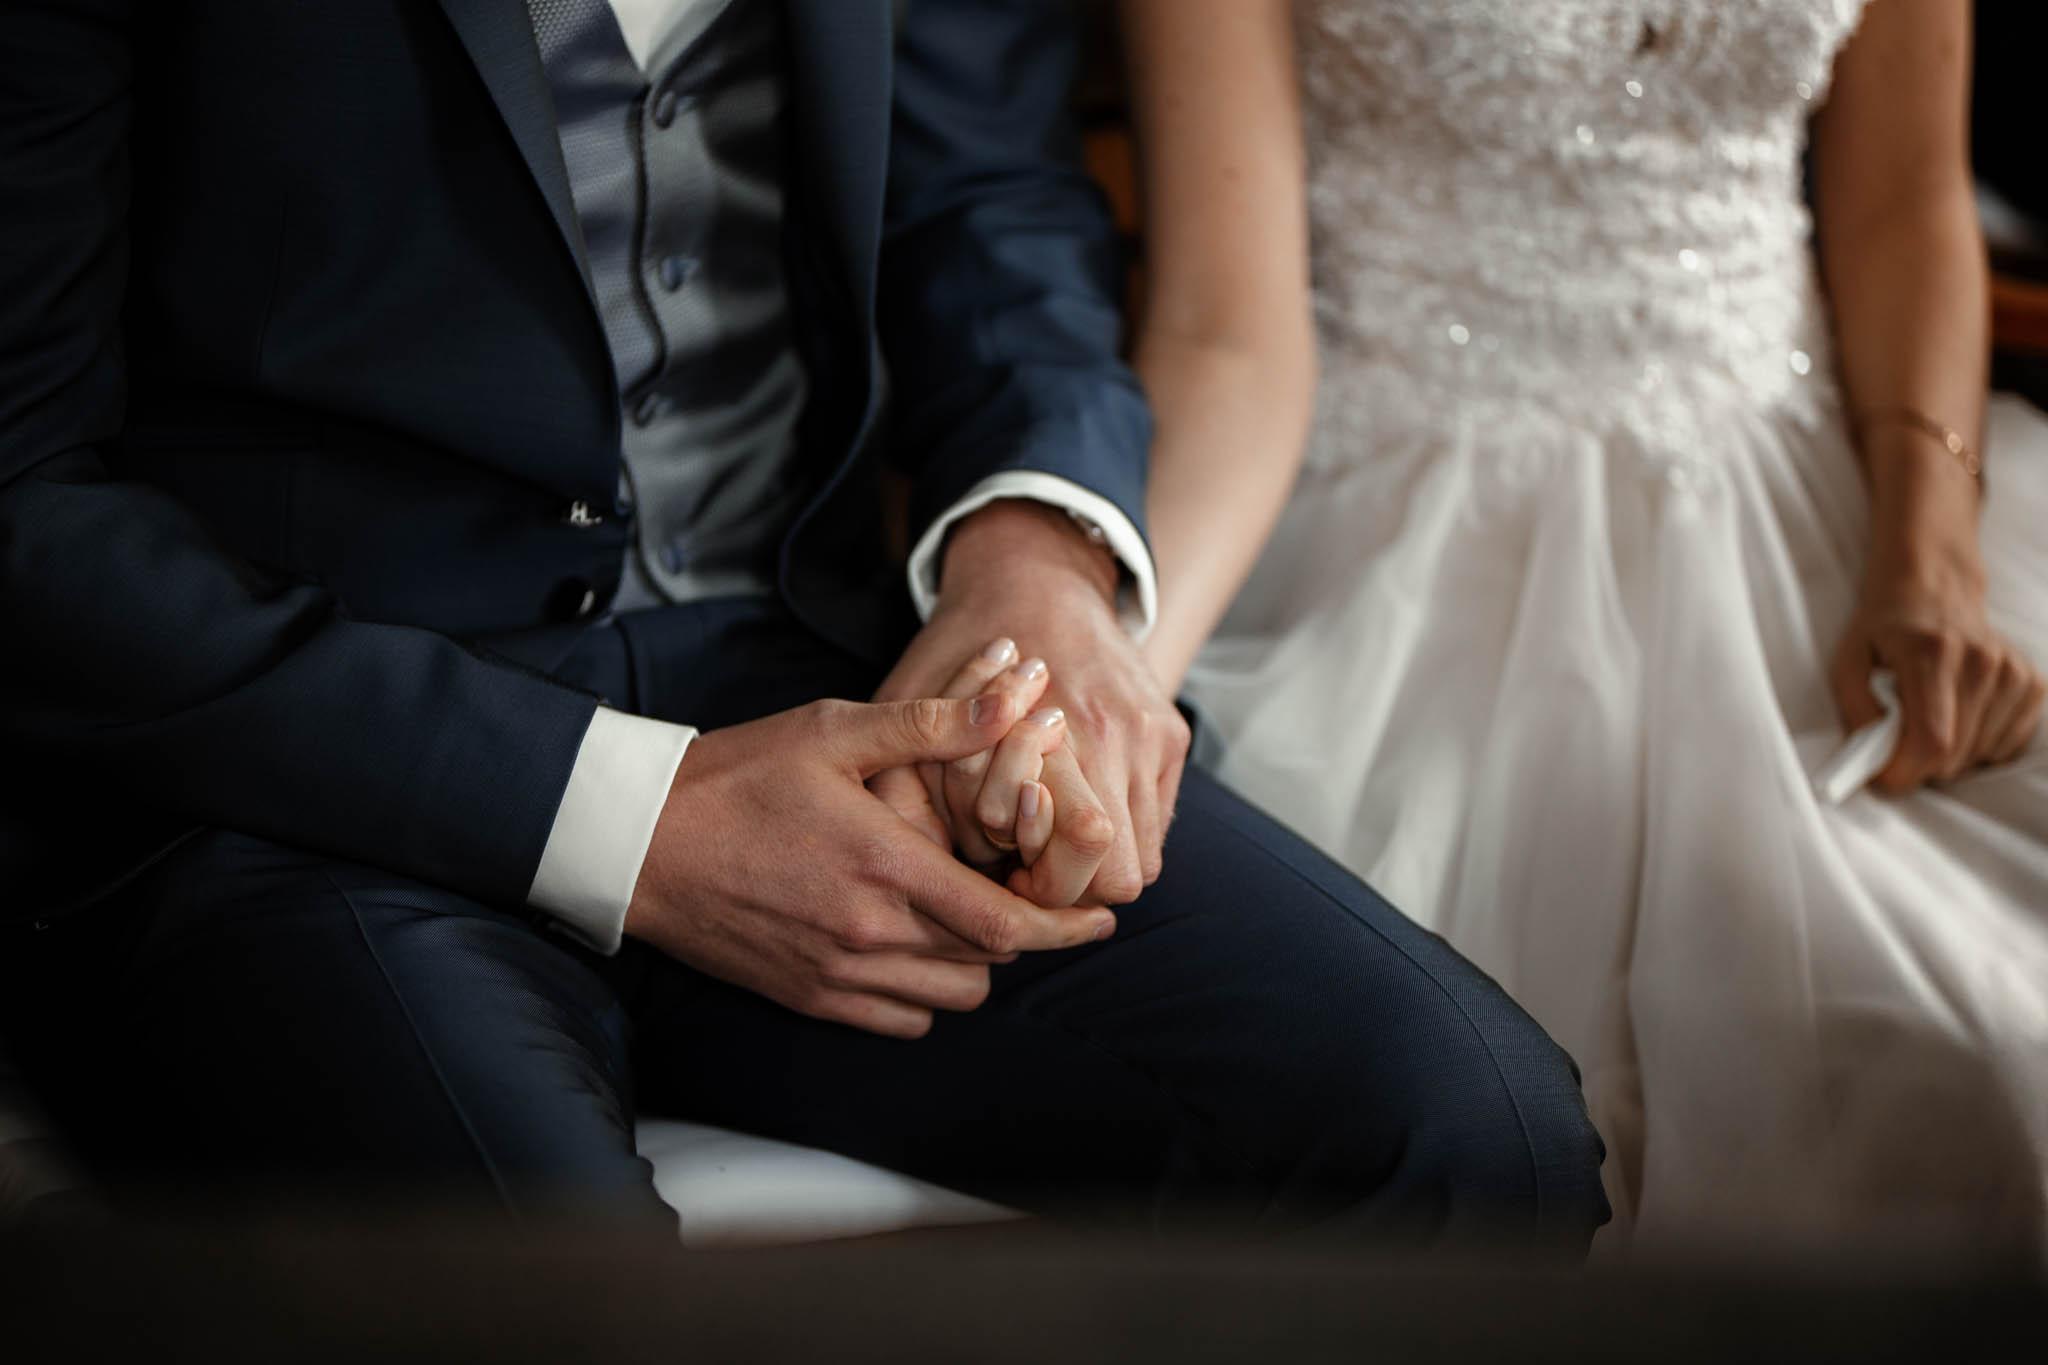 Als Hochzeitsfotograf im Hofgut Ruppertsberg: Hochzeit von Lisa und Max mit freier Trauung 24